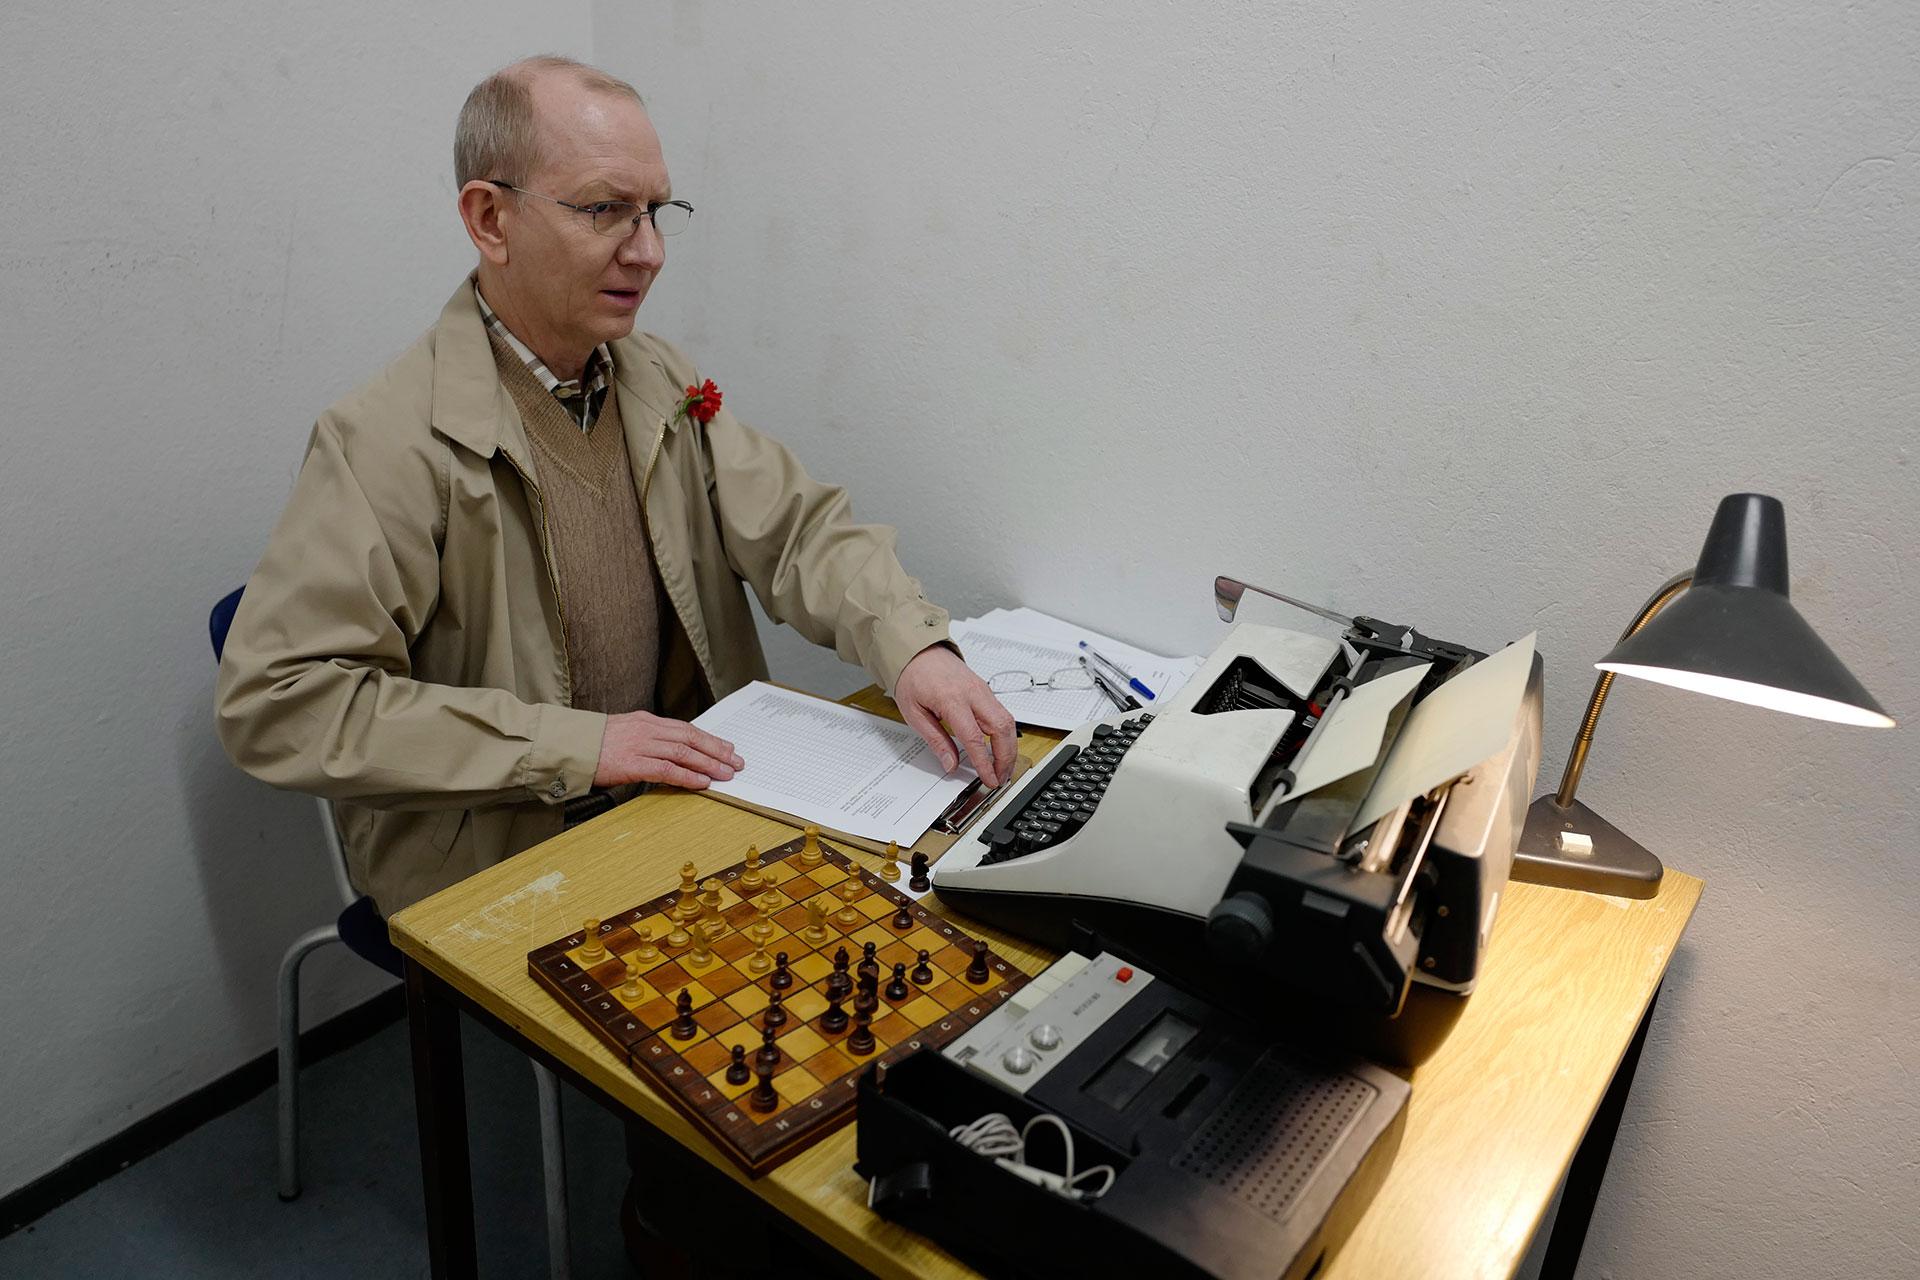 Un funcionario de bajo nivel del Partido Comunista de Alemania, en su oficina (AFP)